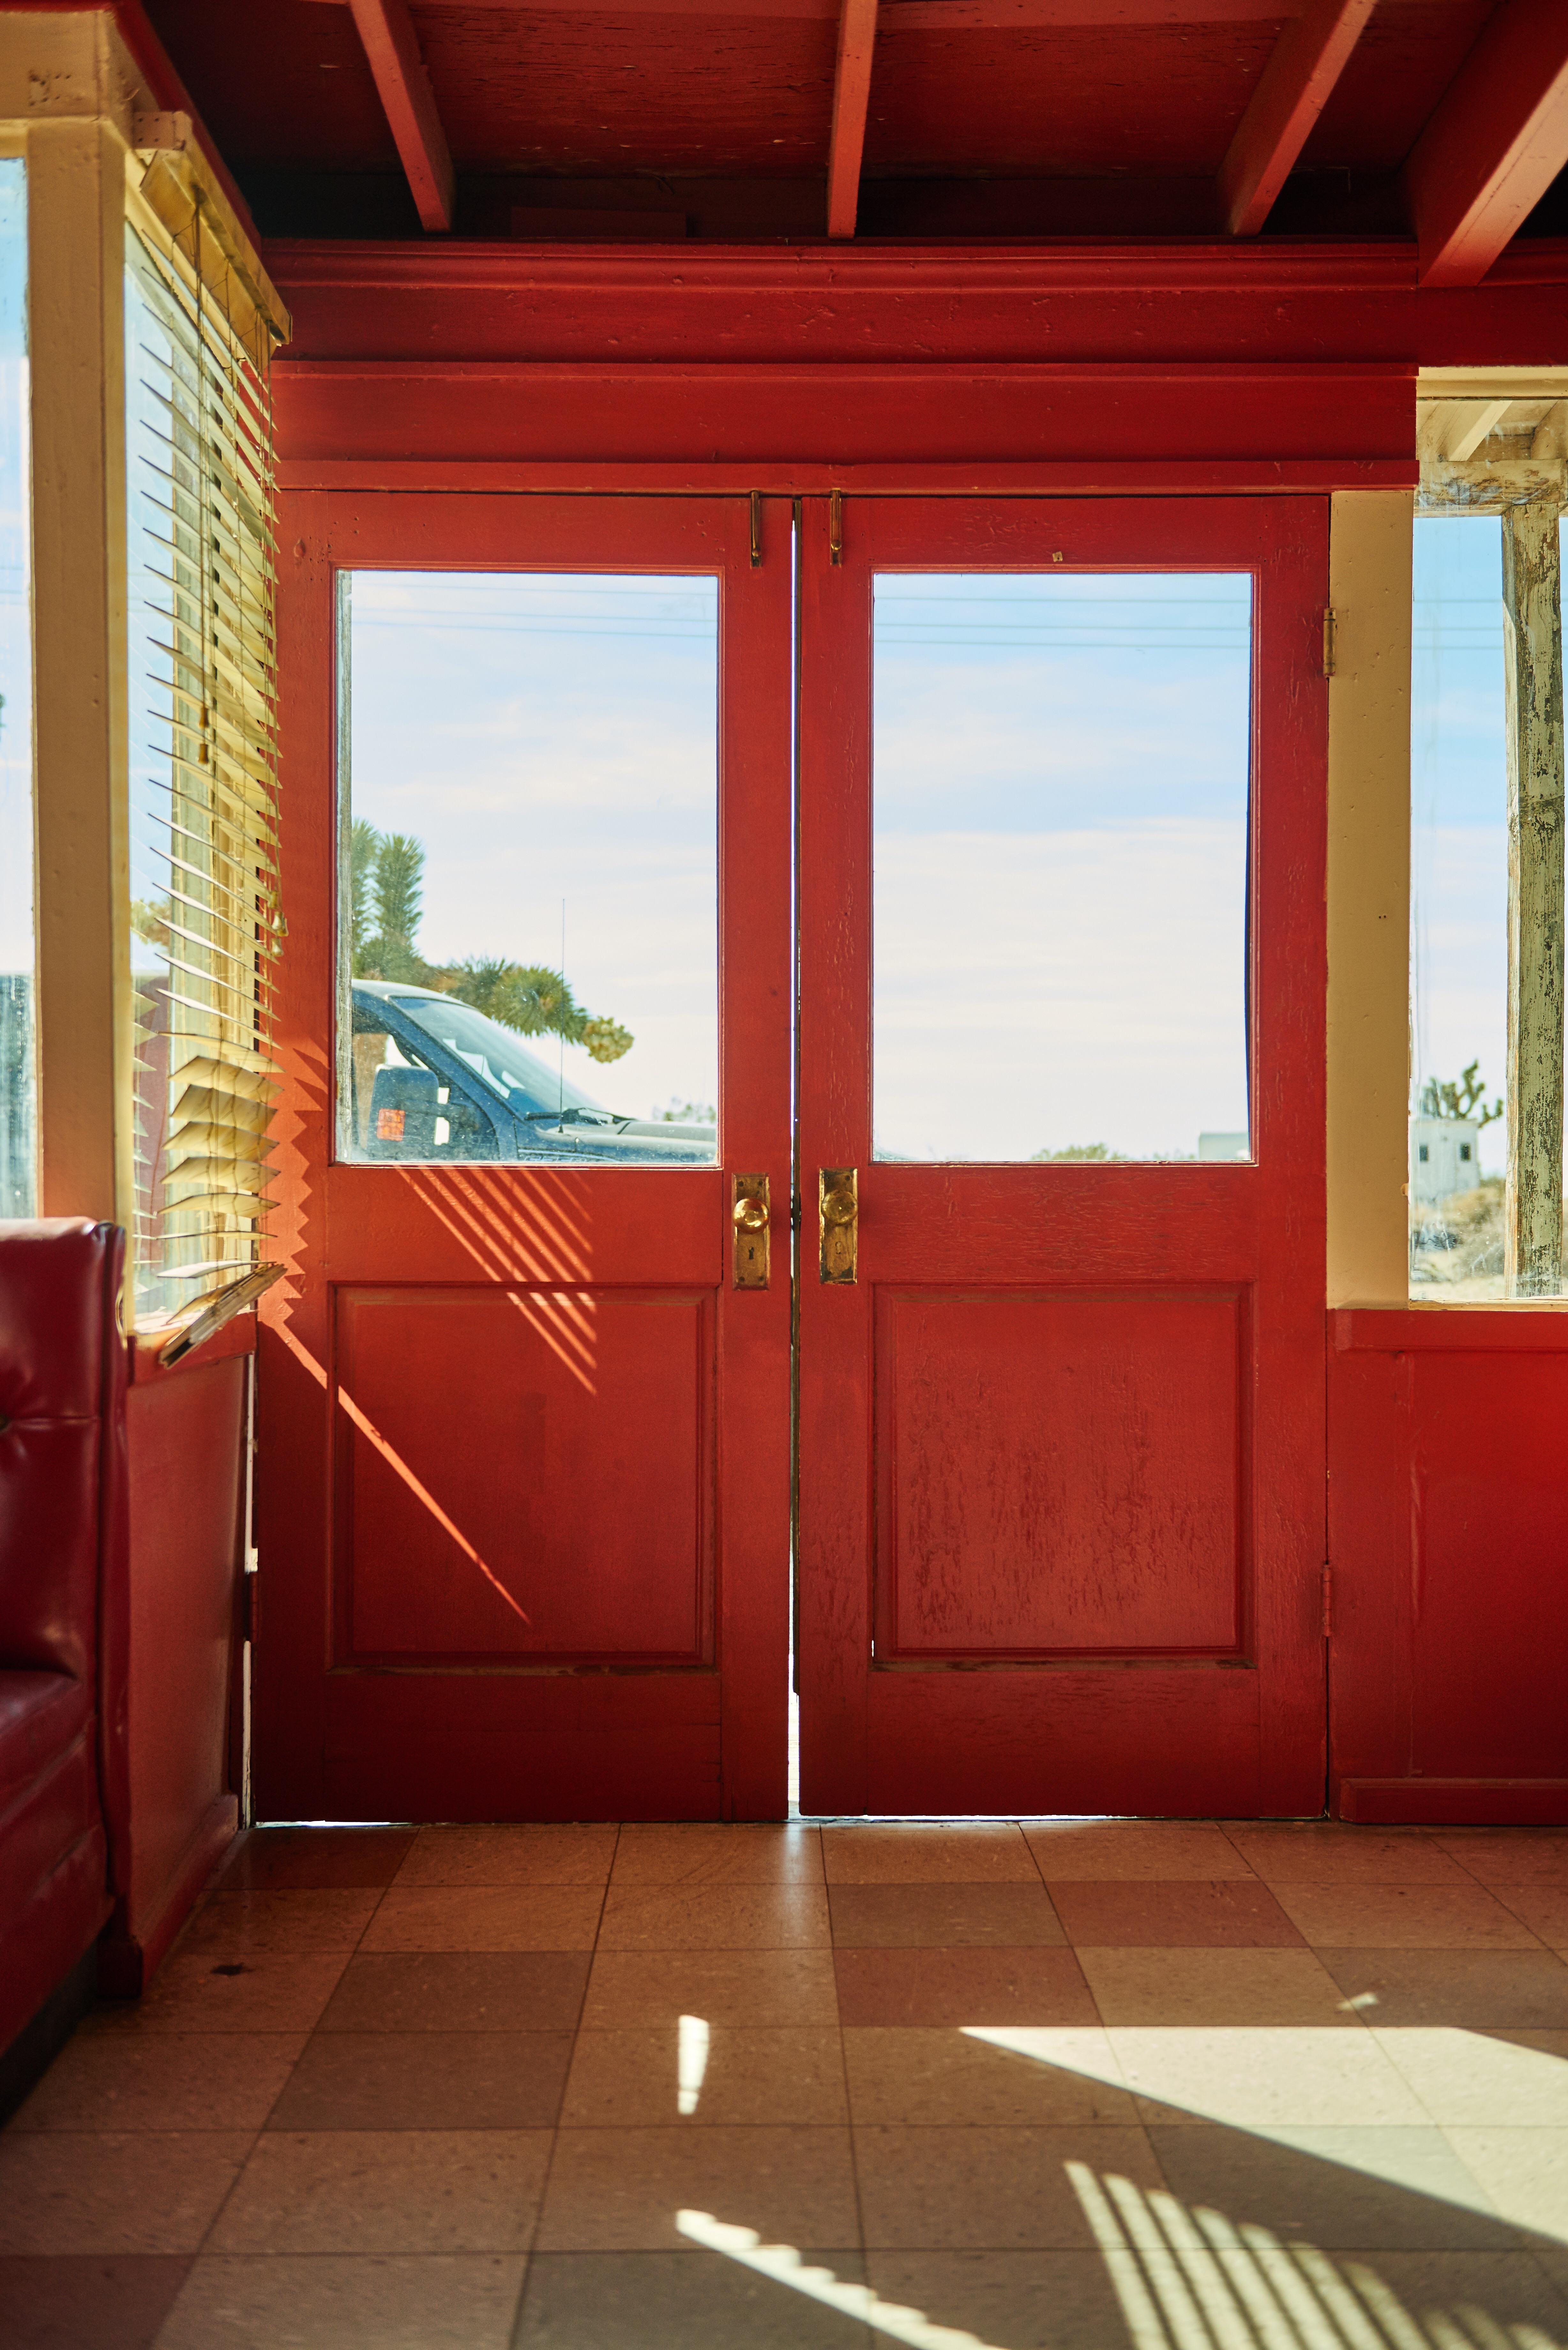 무료 이미지 건축물 목재 집 바닥 창문 현관 빨간 색깔 정면 재산 거실 방